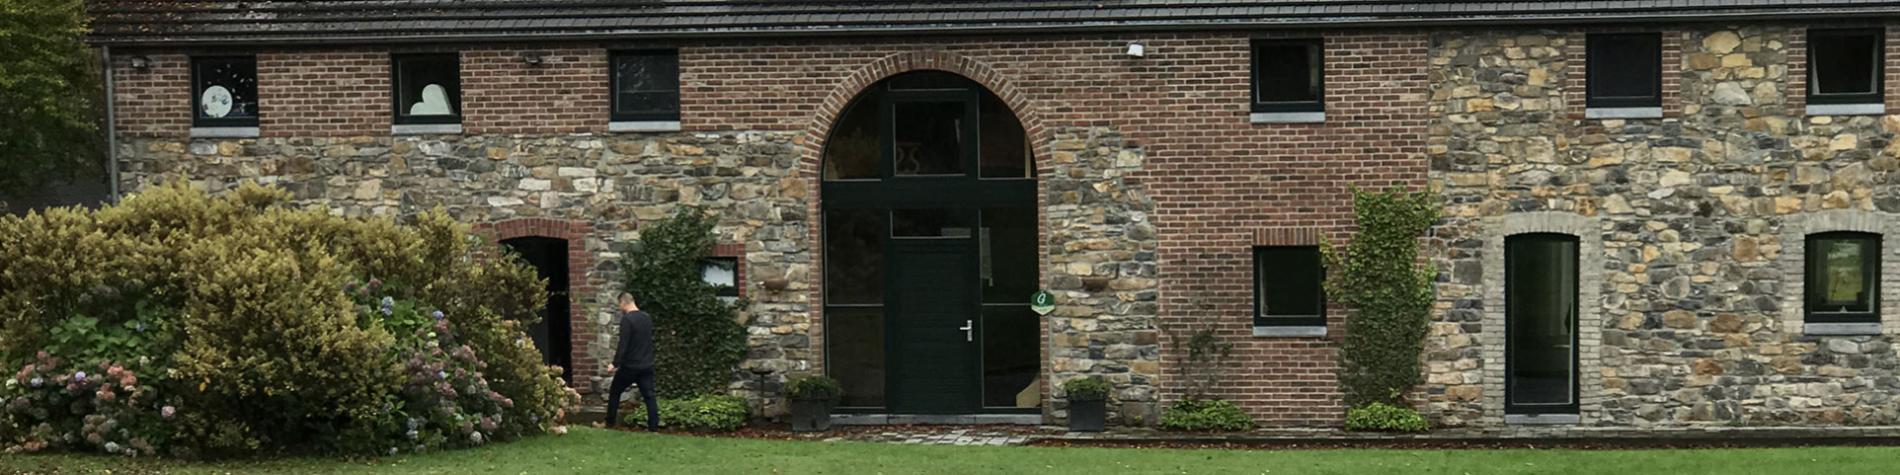 La Fohalle - Gîte rural - Stavelot - Cuisine équipée - Grande salle de séjour - Petit salon - feu ouvert - télévision - Buanderie - Toilettes